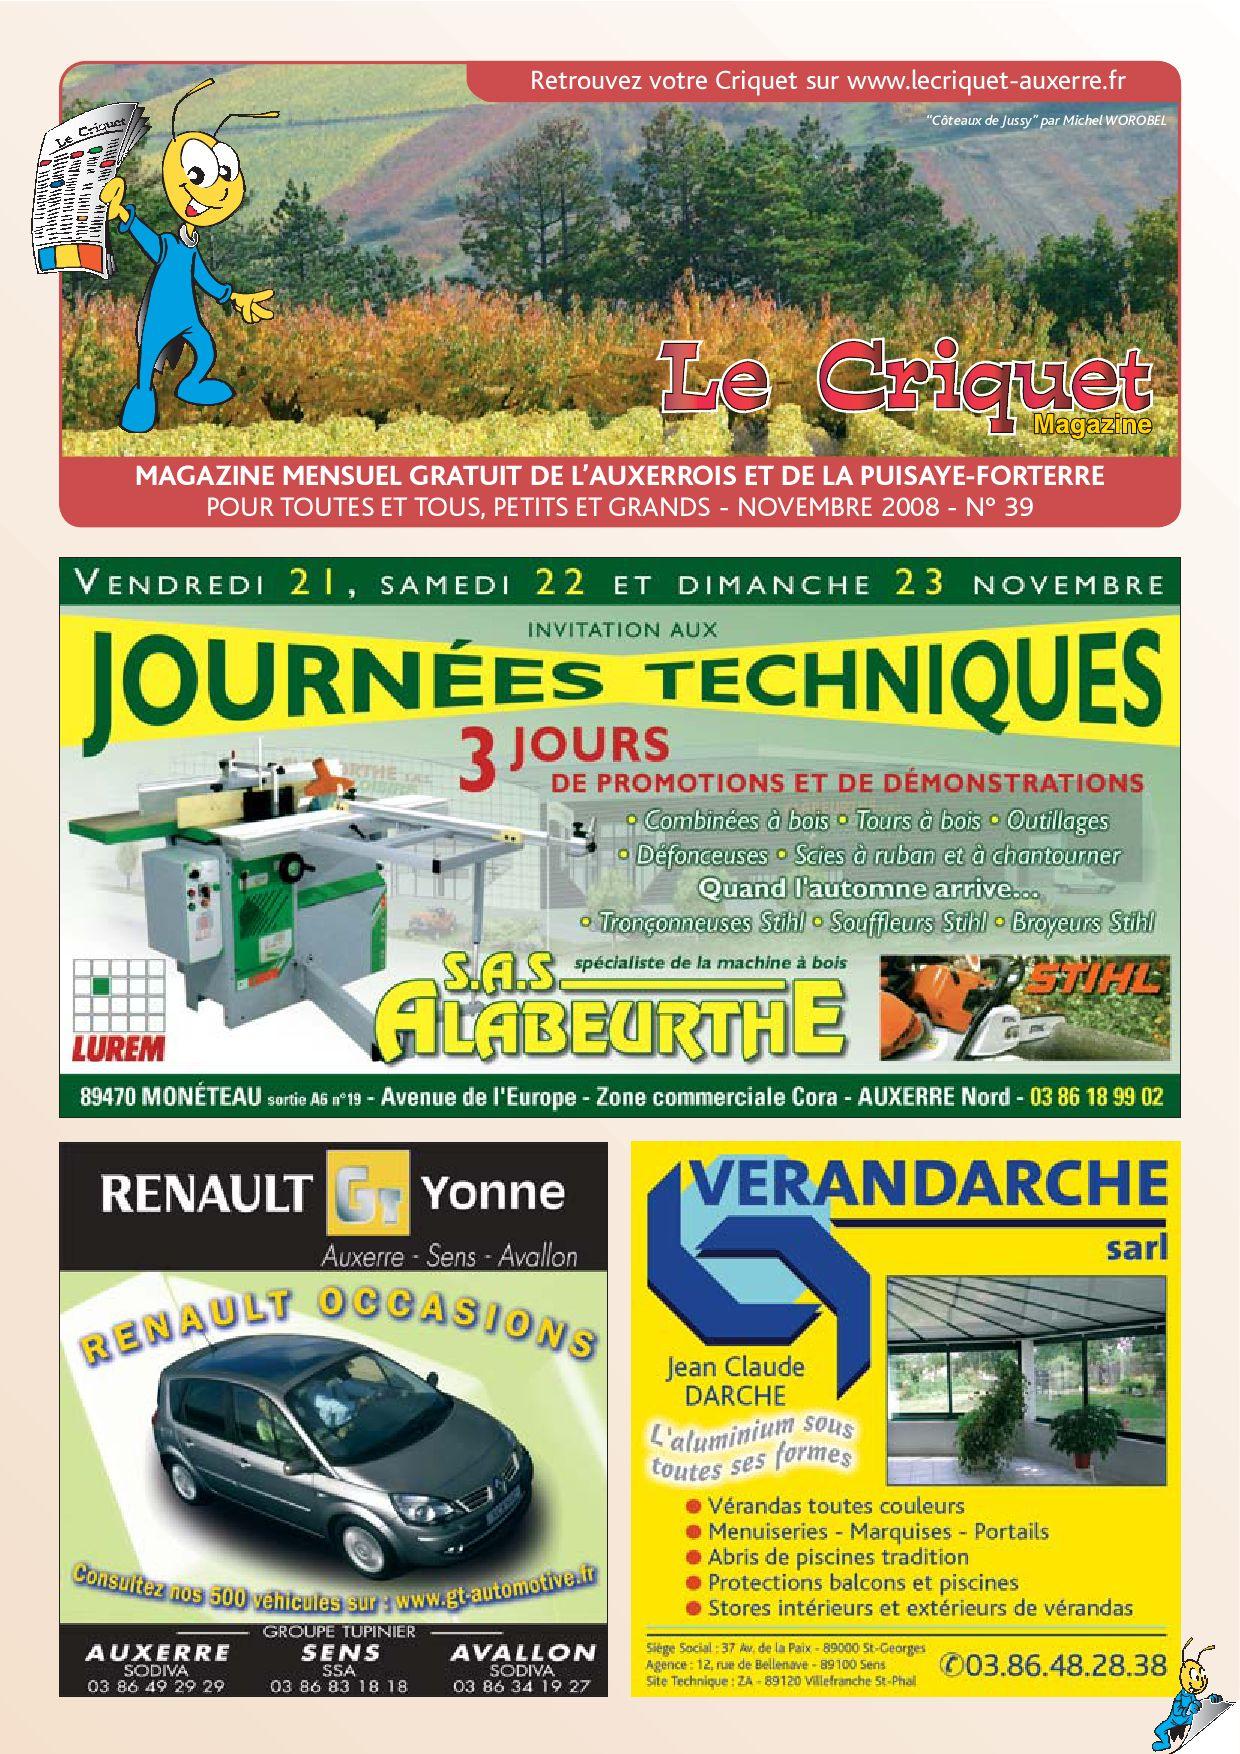 Le Criquet Magazine Auxerrois - Novembre 2008 By Proxilog ... concernant Piscine Avallon